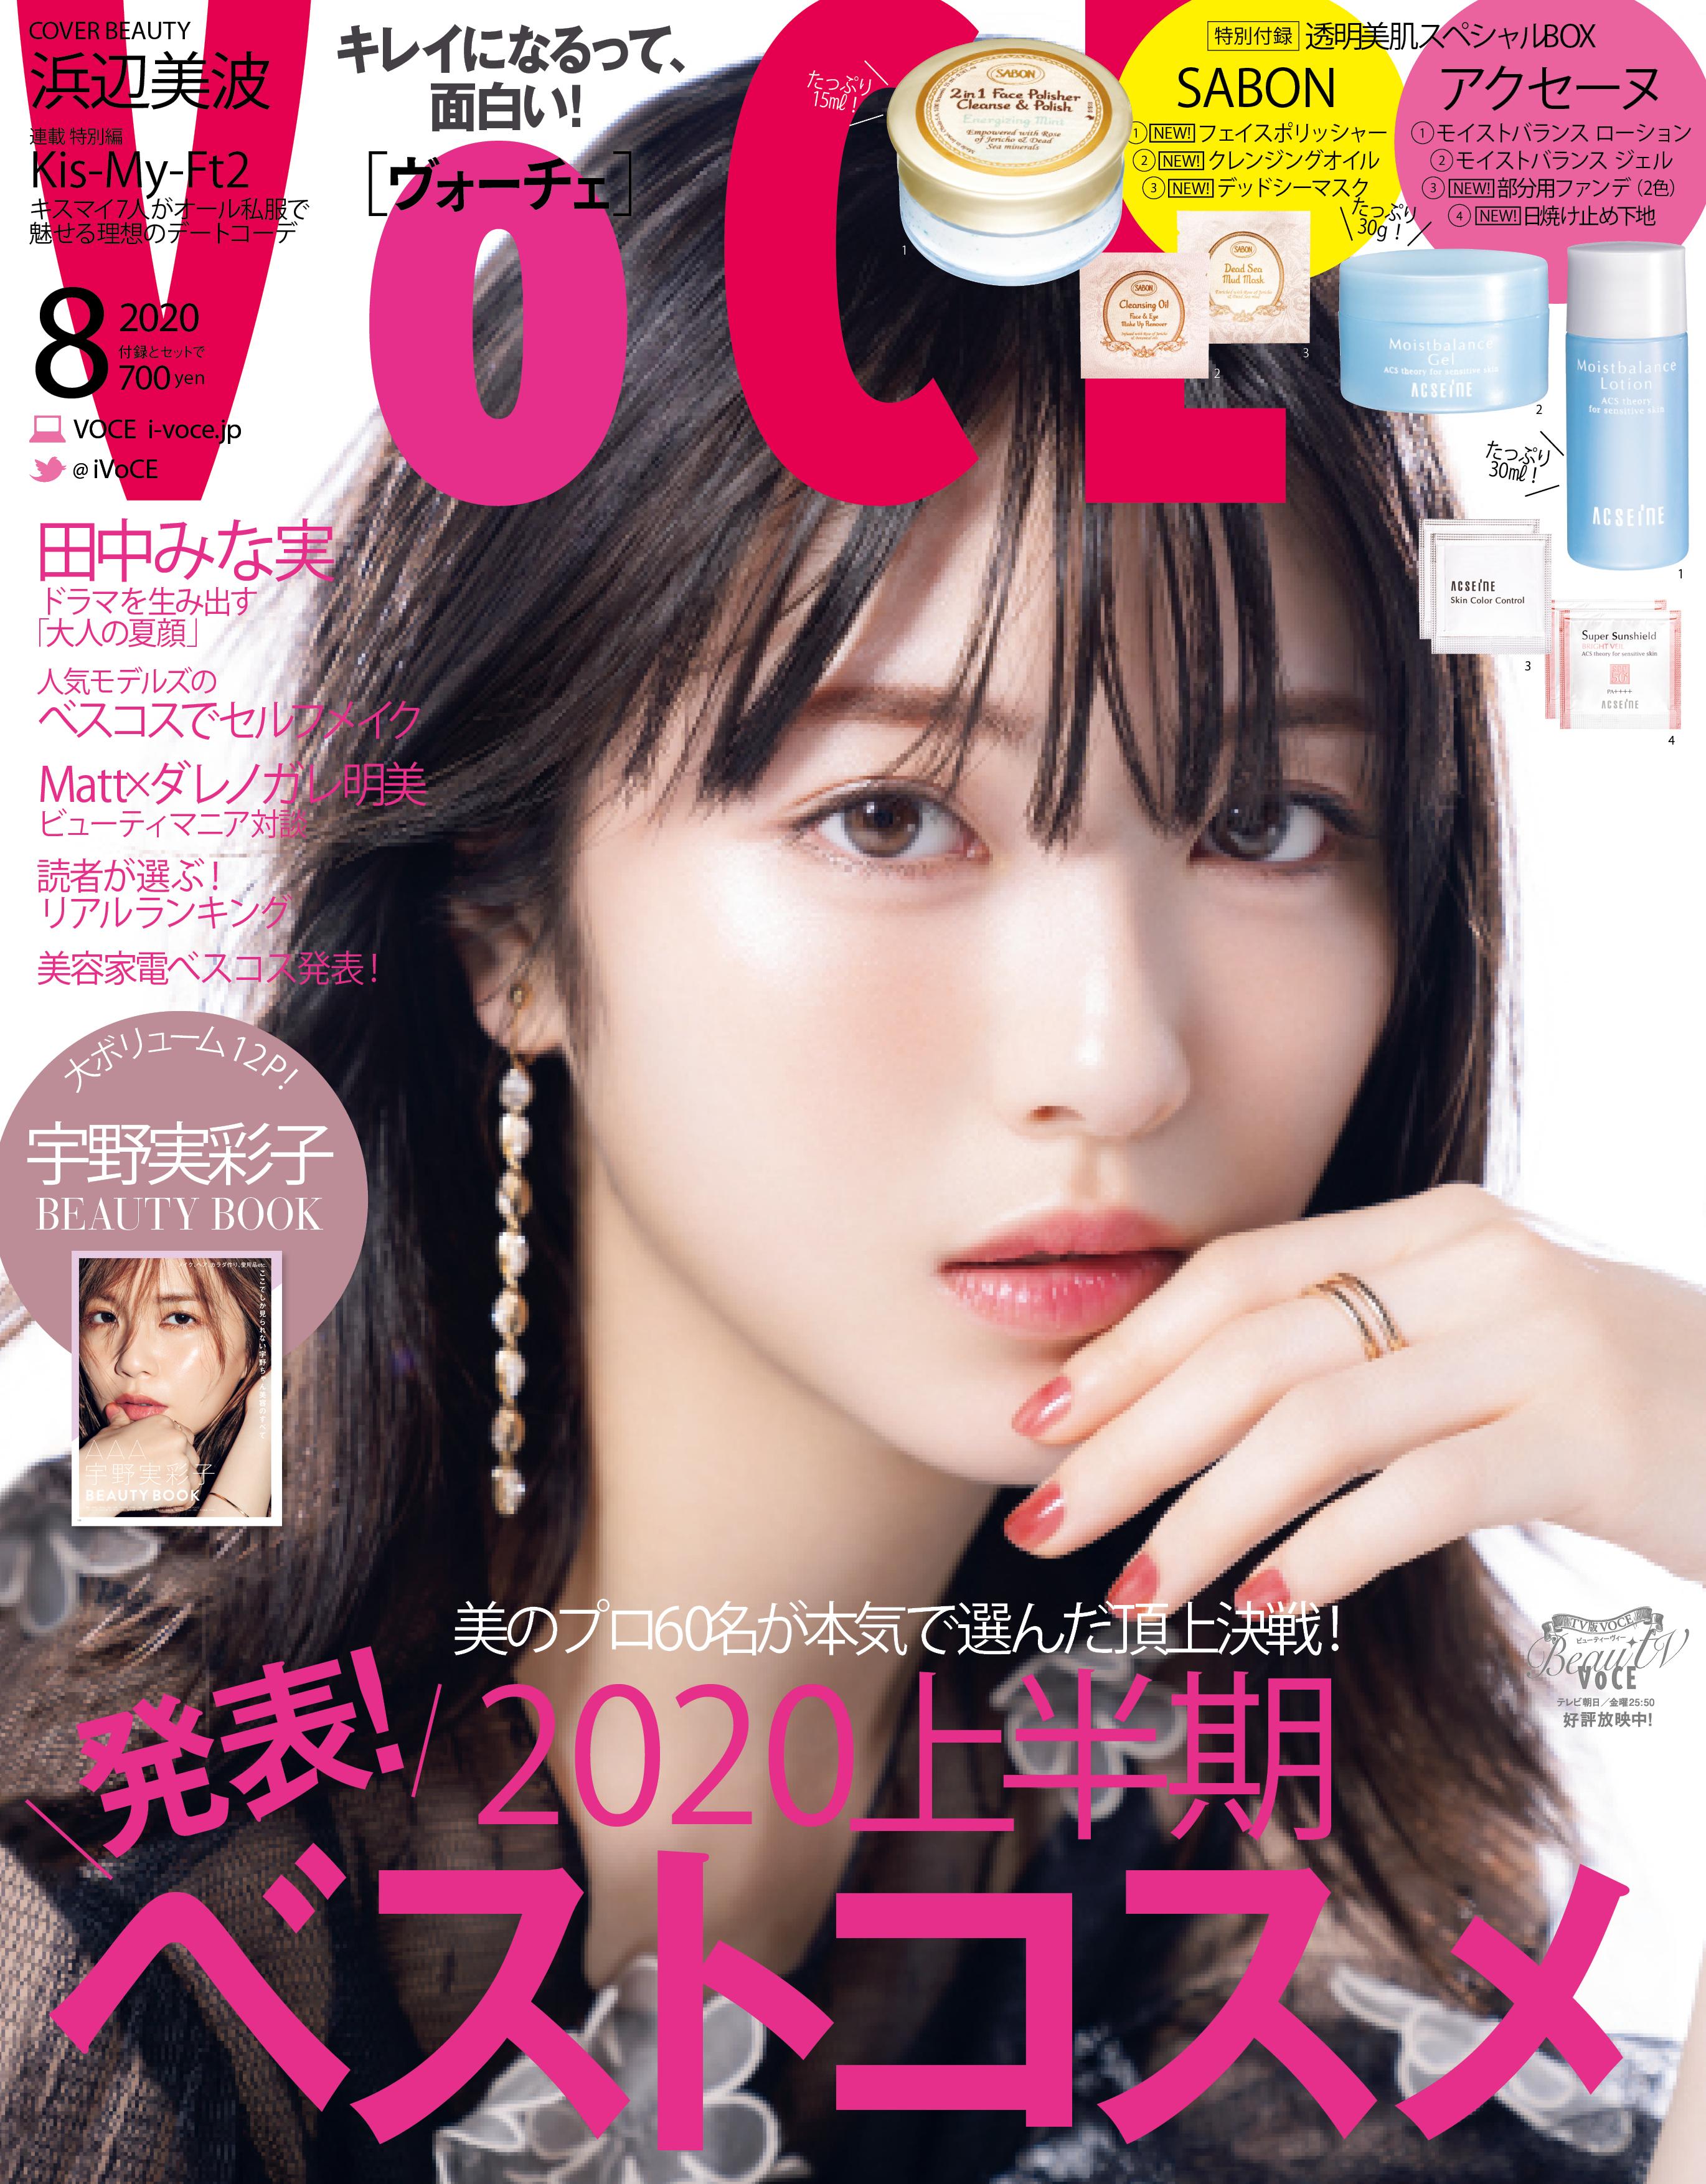 """浜辺美波、10代ラスト表紙は「VOCE」で""""麗しの表情""""を披露"""